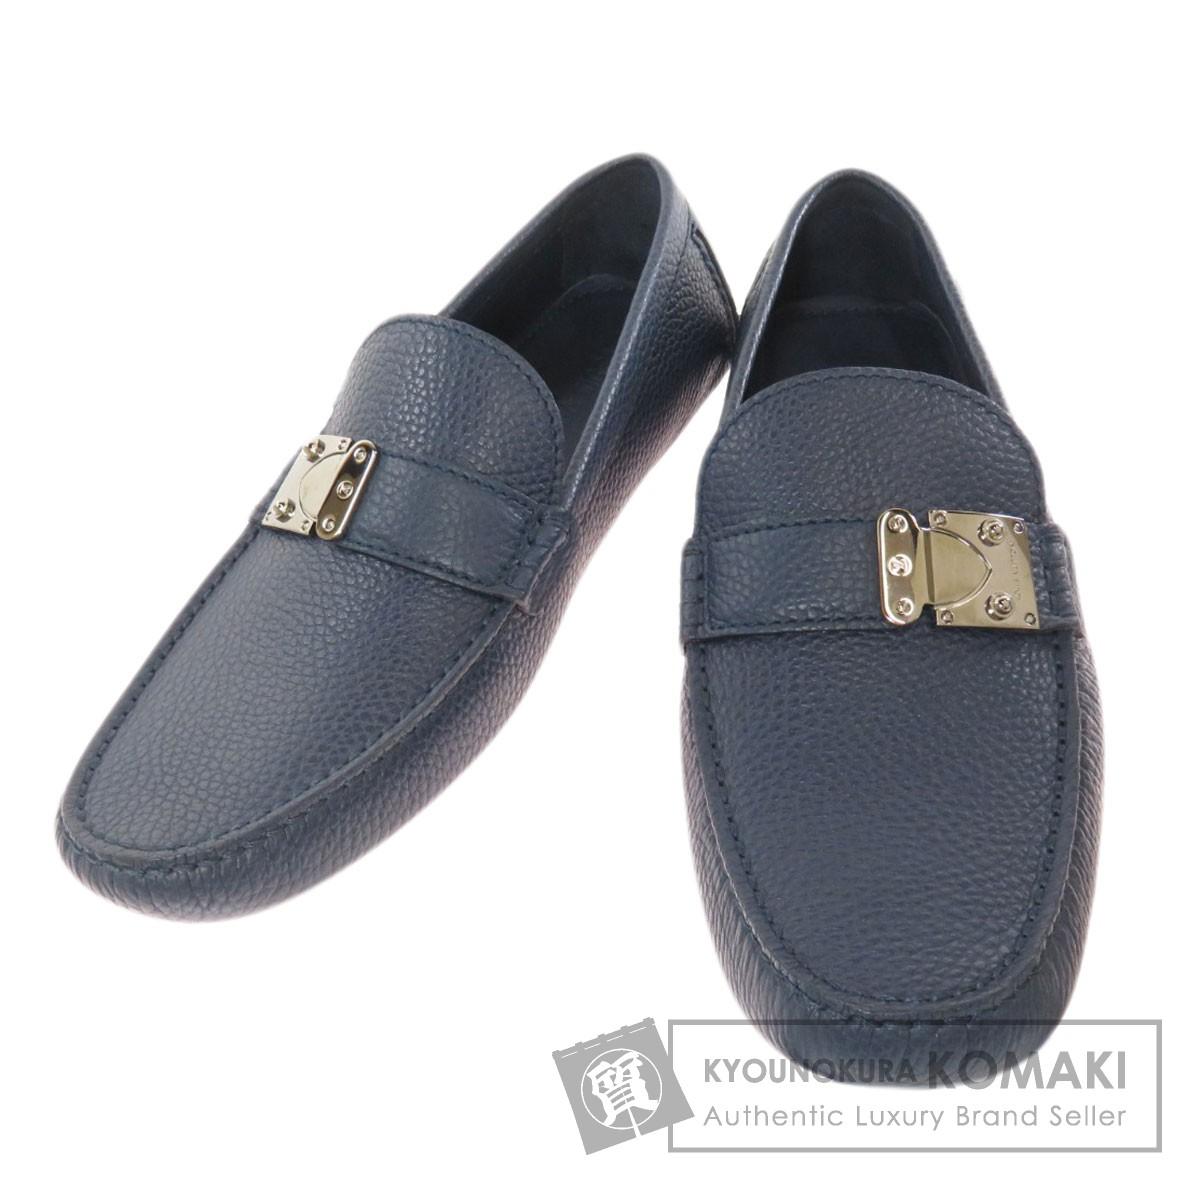 LOUIS VUITTON ルイヴィトン ドライビングシューズ 人気の製品 靴 高額クーポン配布中 2 期間限定お試し価格 木 メンズ レザー 中古 9:59迄 18